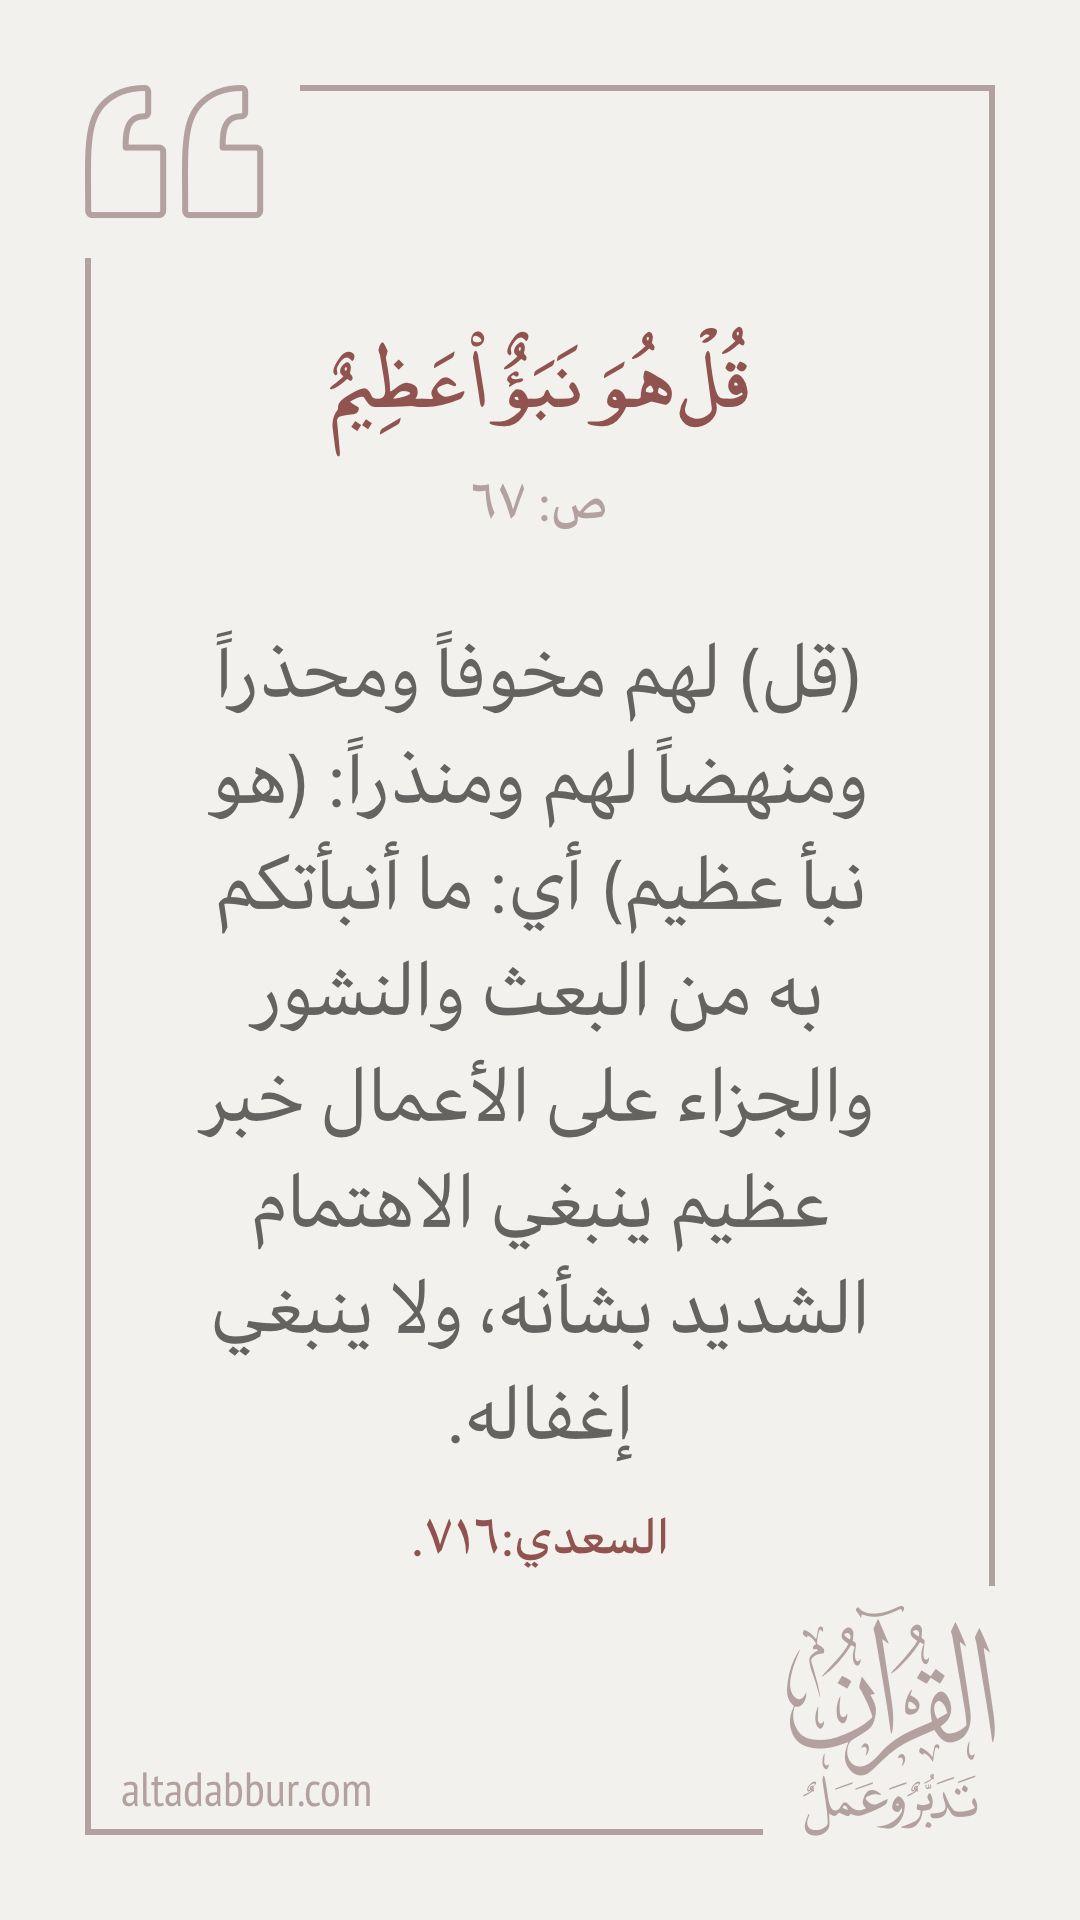 النبأ العظيم Islamic Messages Quotes Islamic Quotes